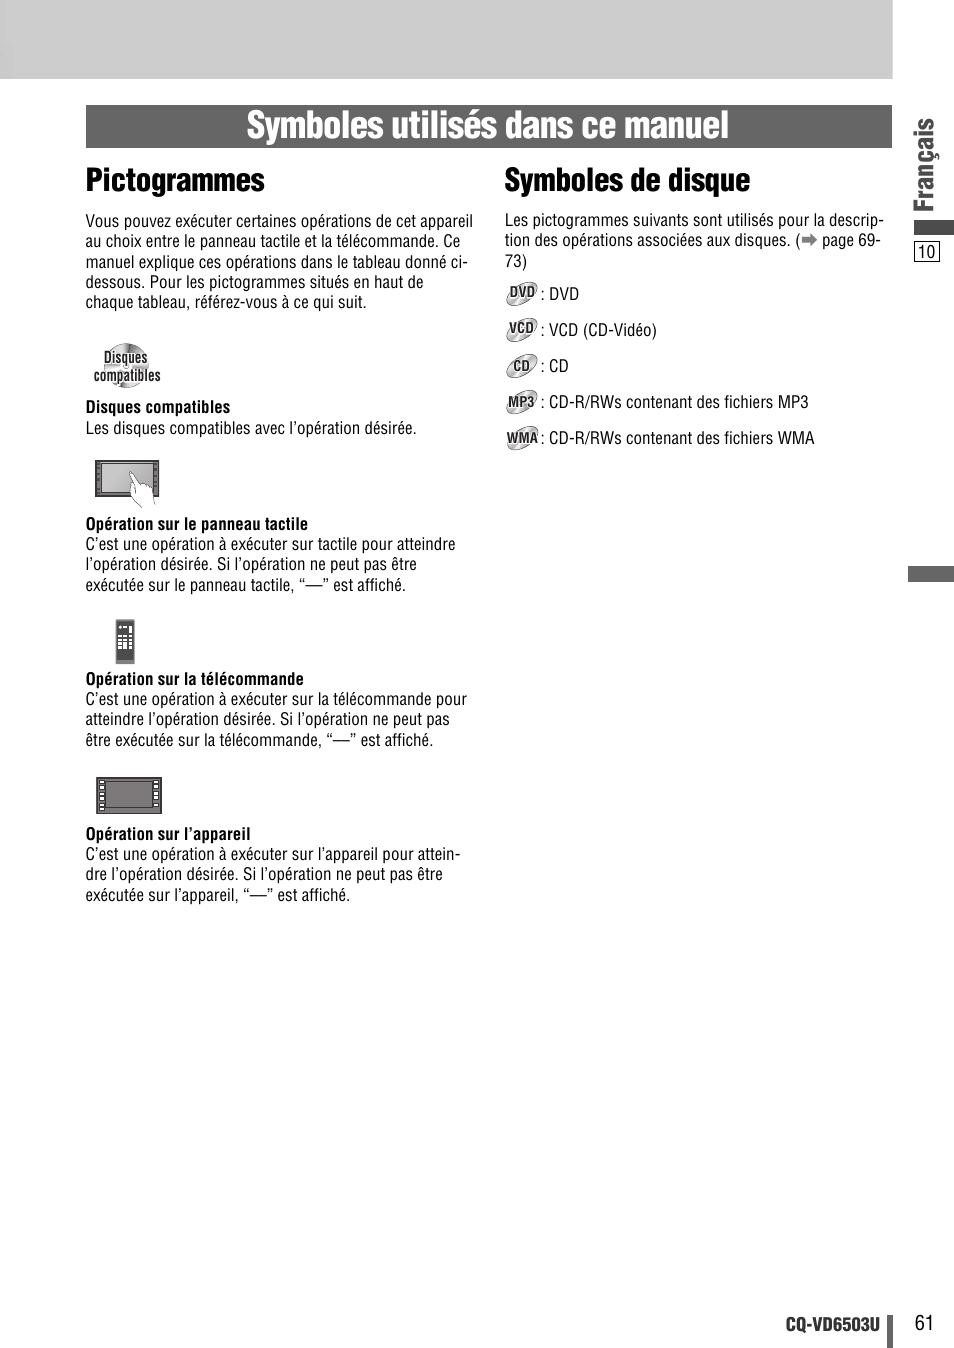 Symboles utilisés dans ce manuel, Pictogrammes, Symboles de disque |  Français | Panasonic CQ